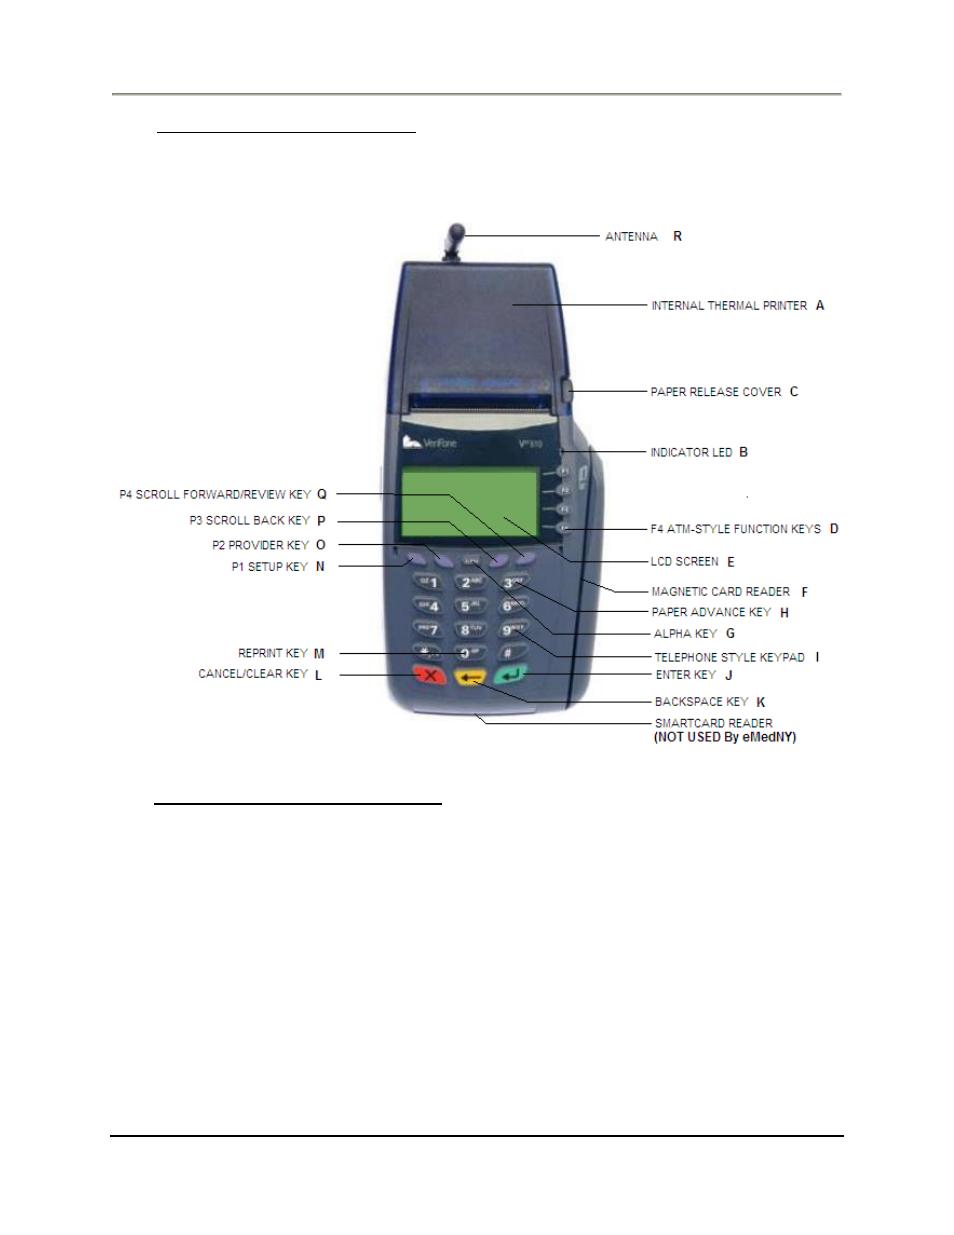 Vx570 installation instructions, quick start   verifone vx570 user.